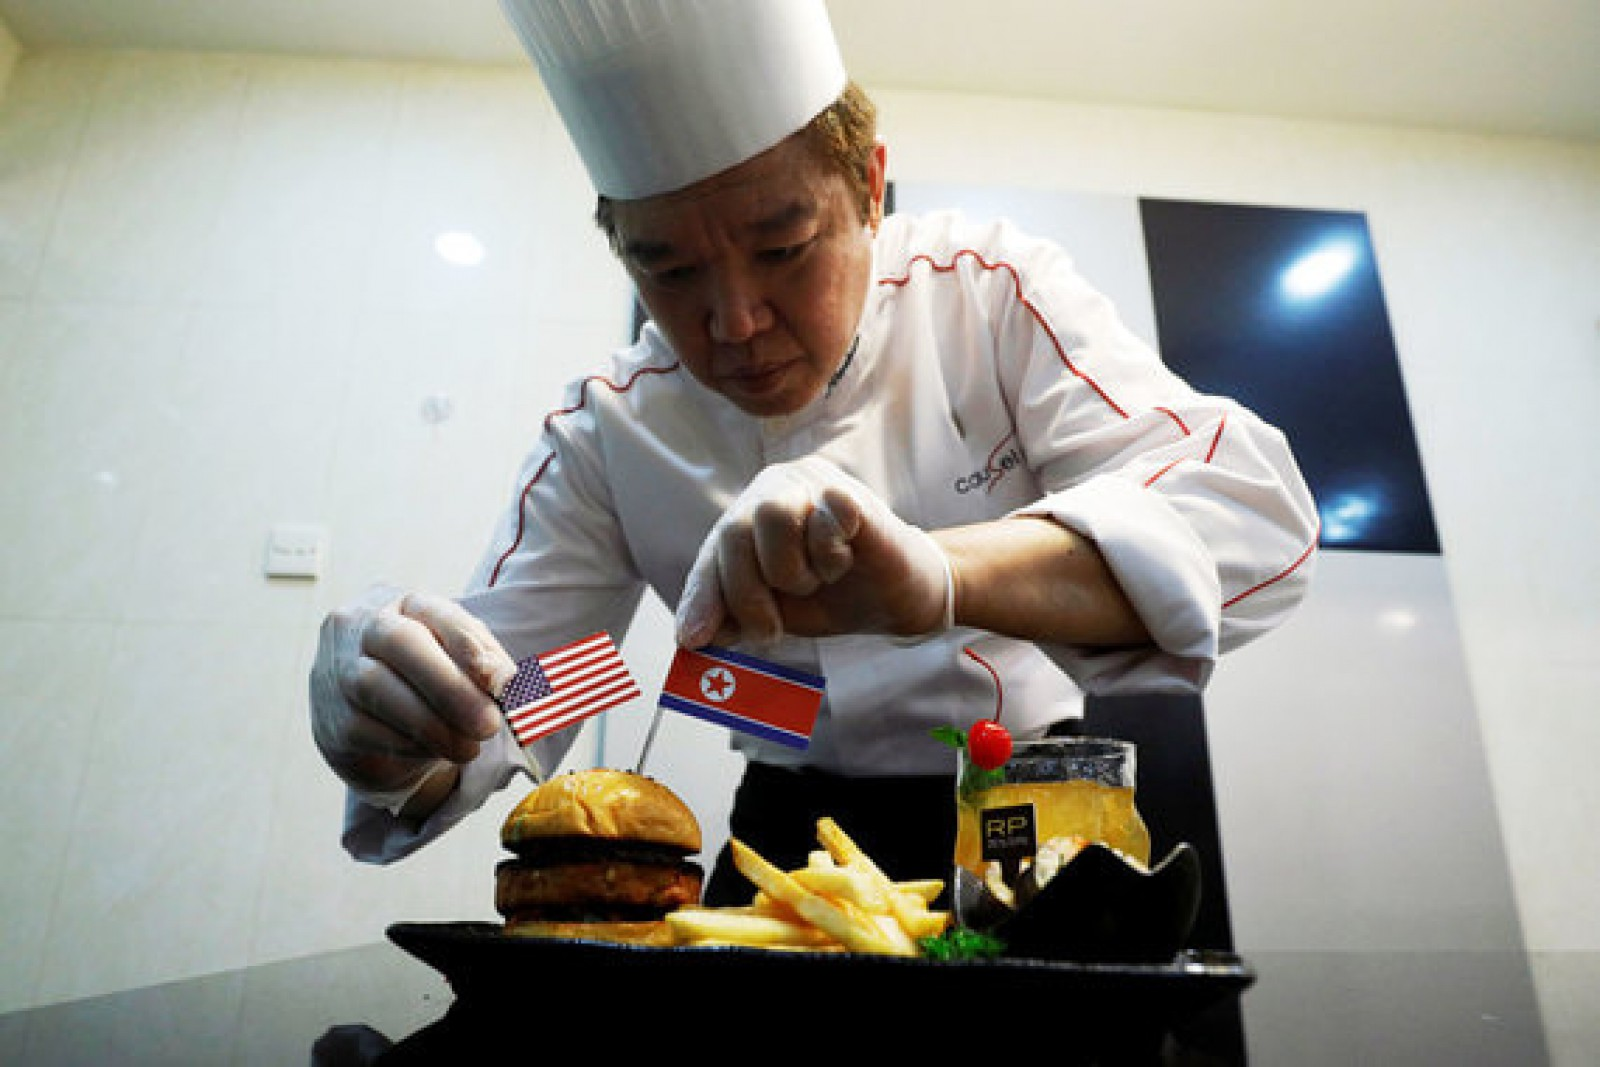 Donald Trump ar susține ideea de a deschide o rețea de restaurante McDonald's în Coreea de Nord